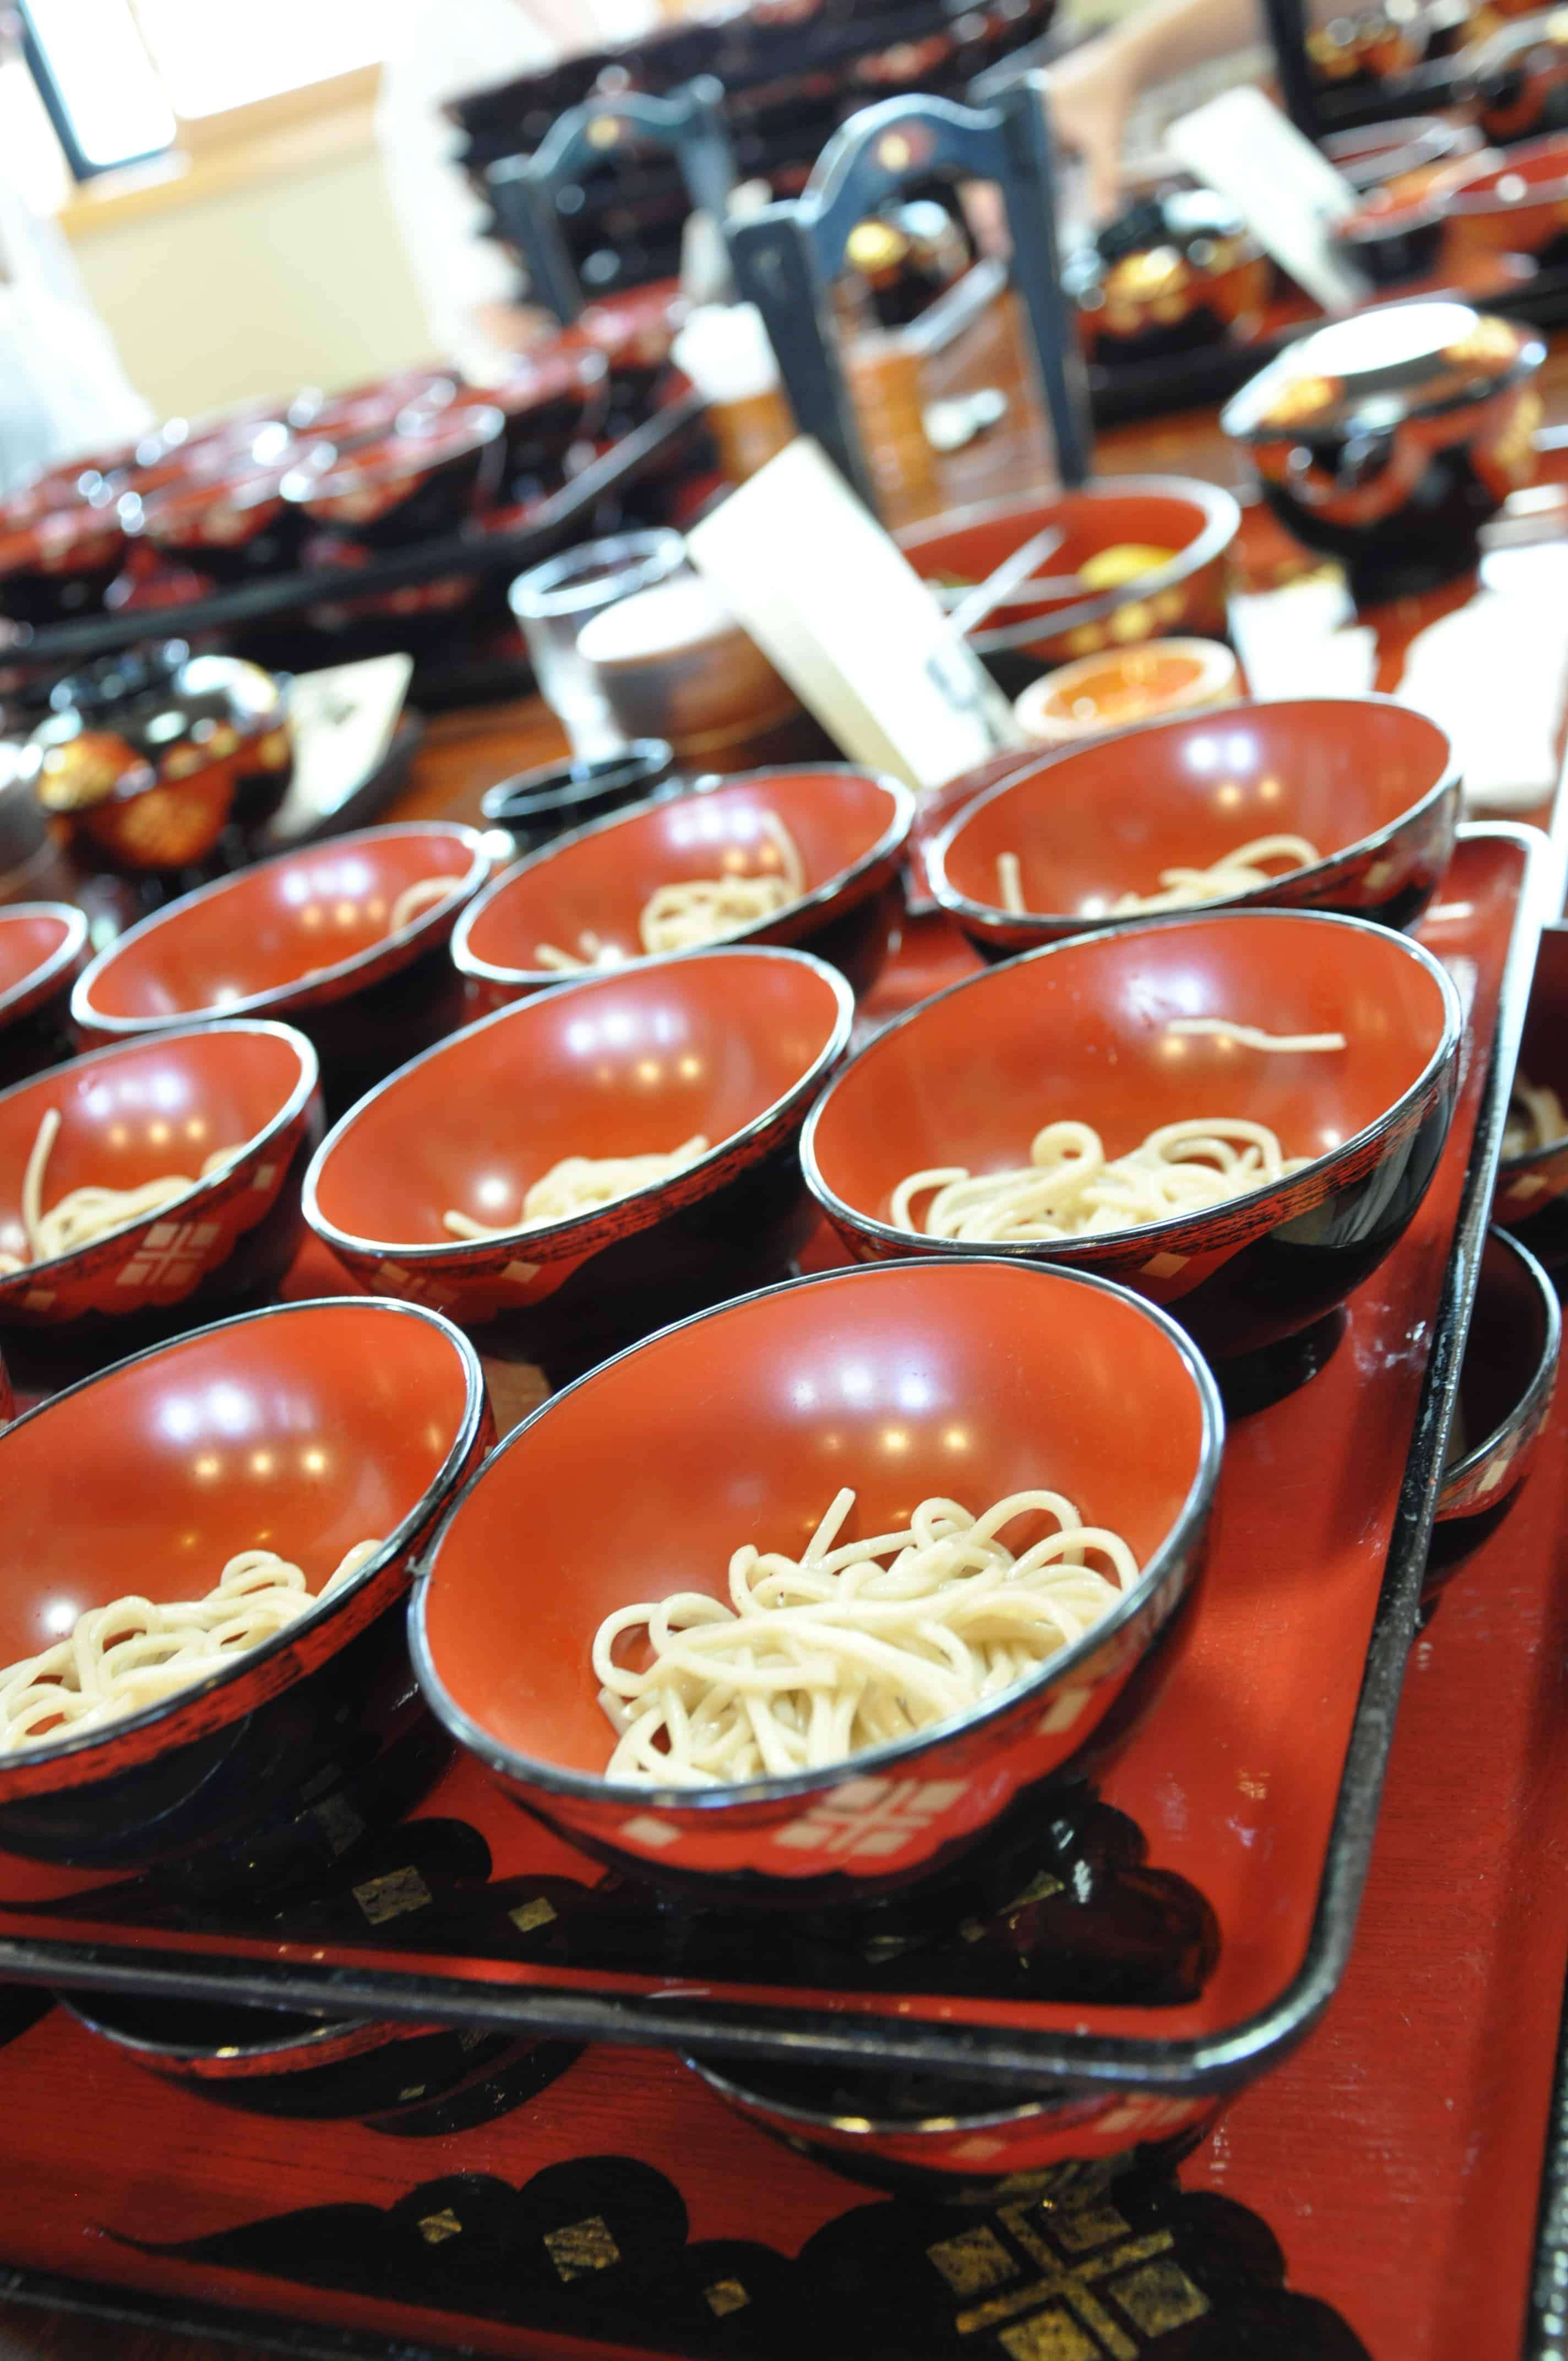 การกินวังโกะโซบะที่คล้ายก๋วยเตี๋ยวเรือของไทย